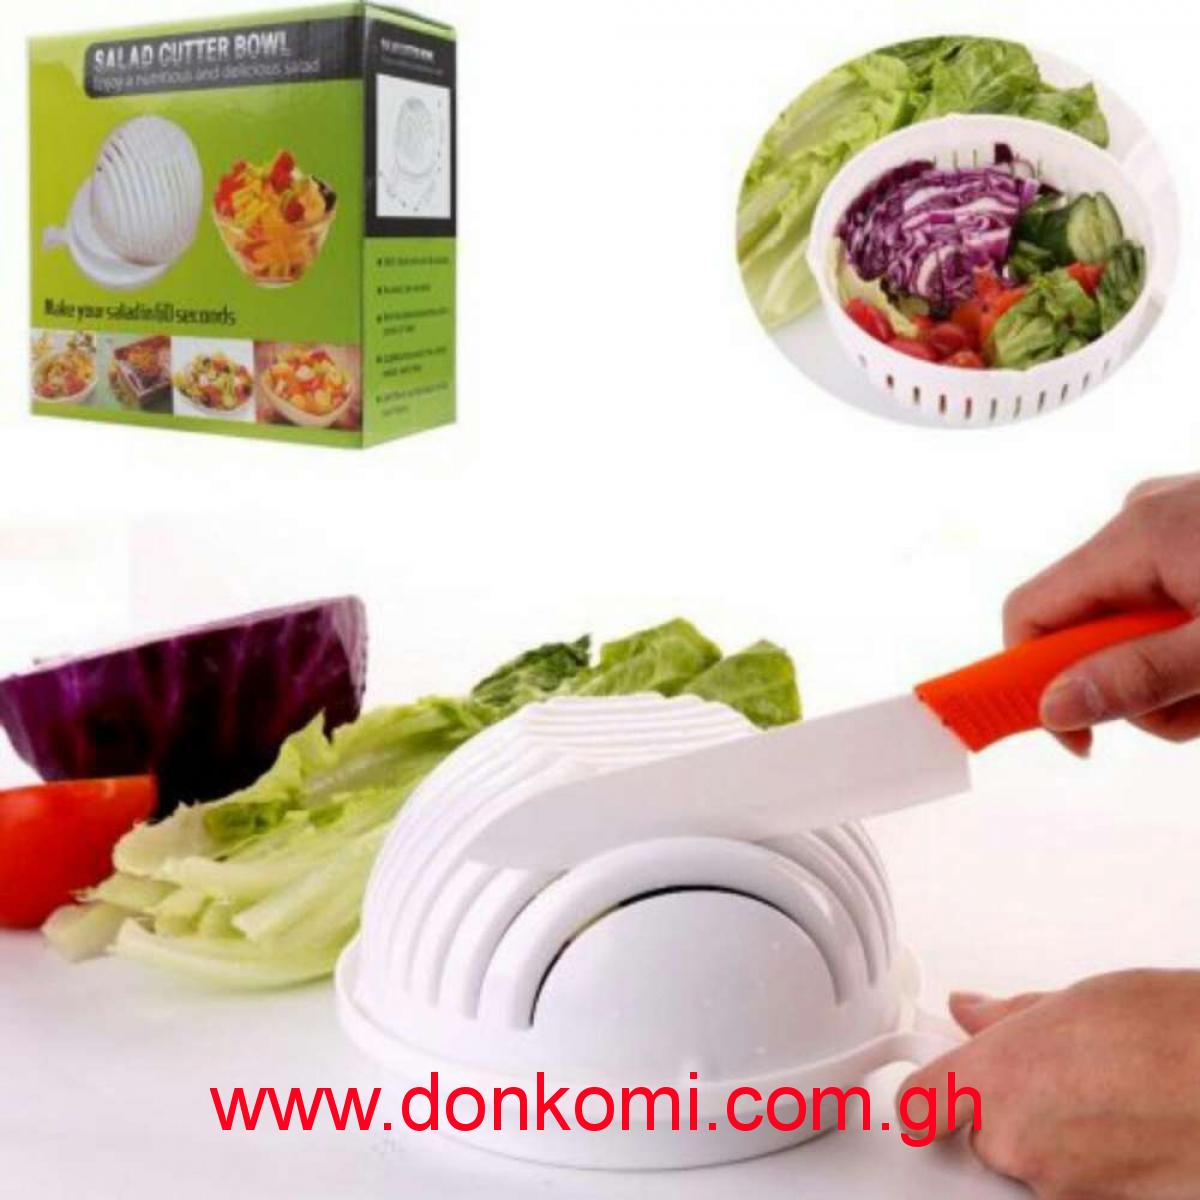 Vegetables cutter bowl